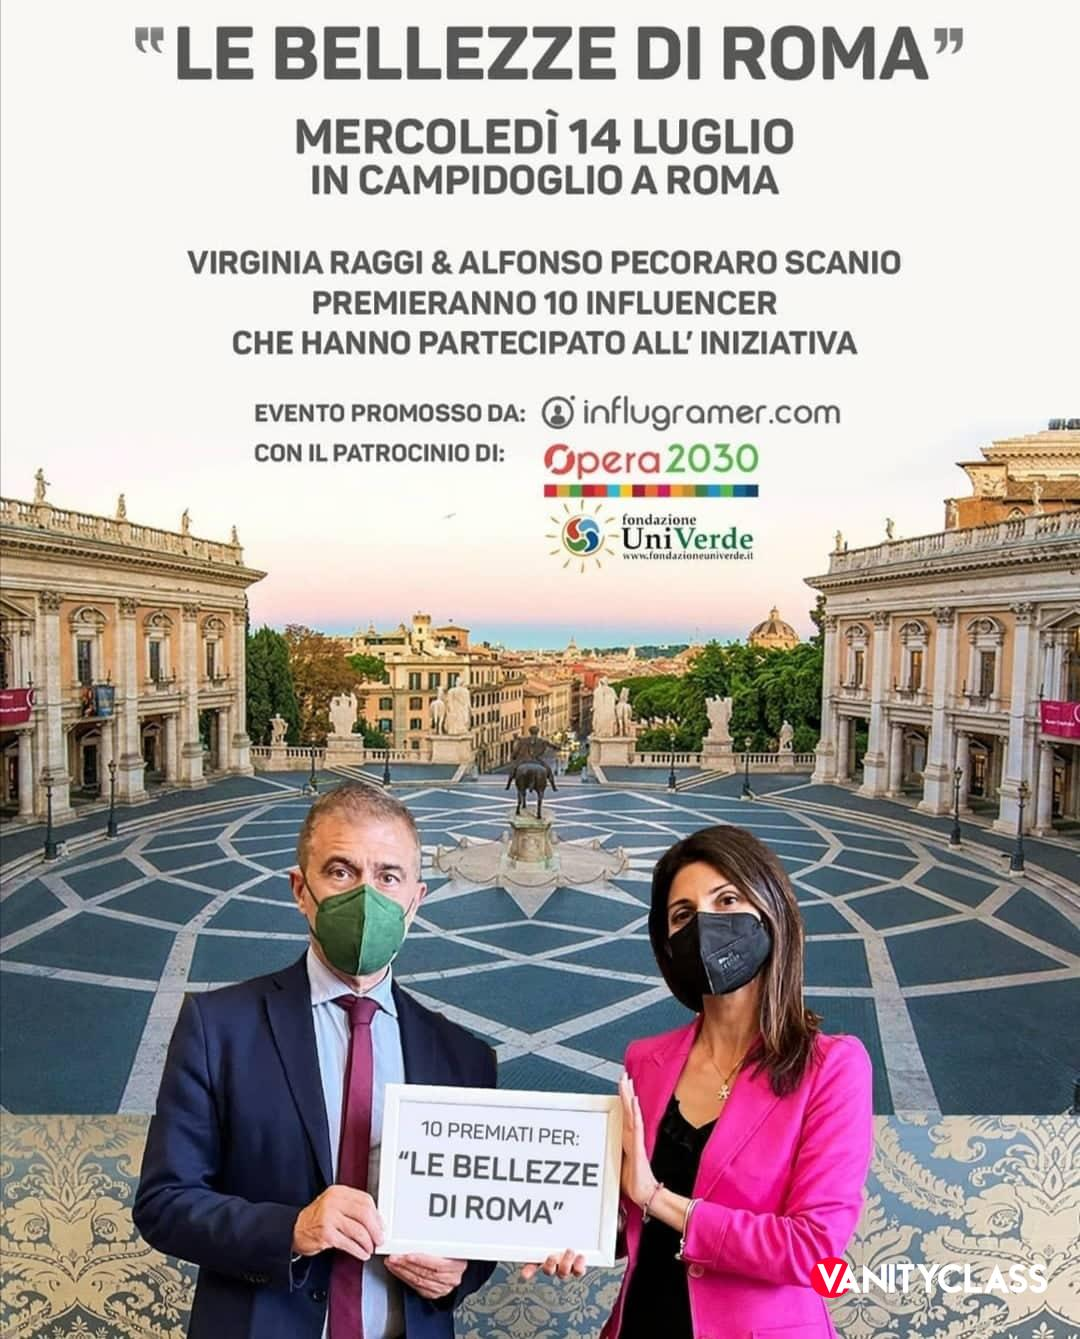 Le Bellezze Di Roma, consegnato il riconoscimento a 10 influencer